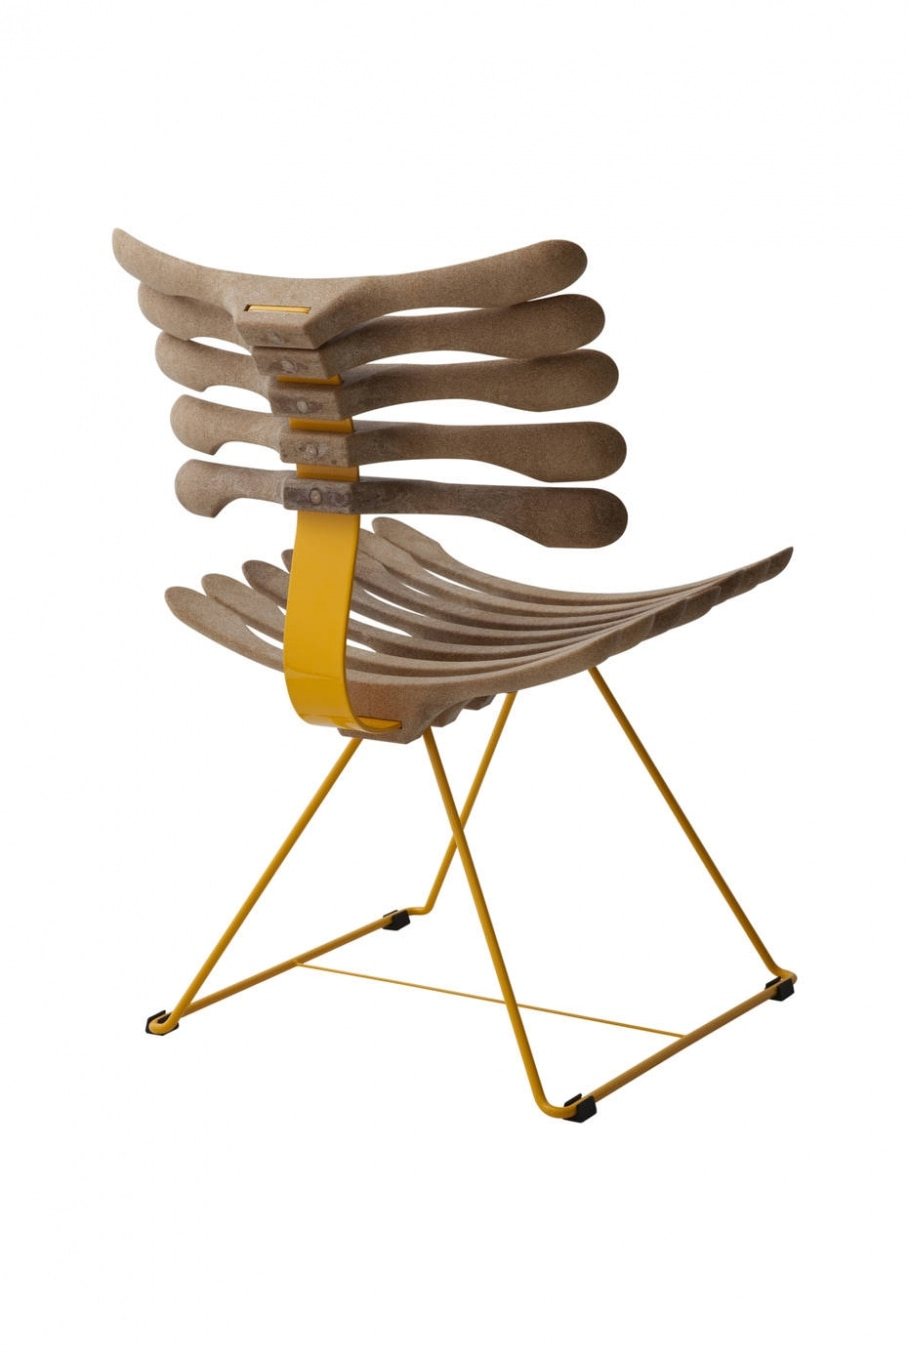 Cadeira brasileira é incluída na coleção do Vitra Design Museum - divulgação